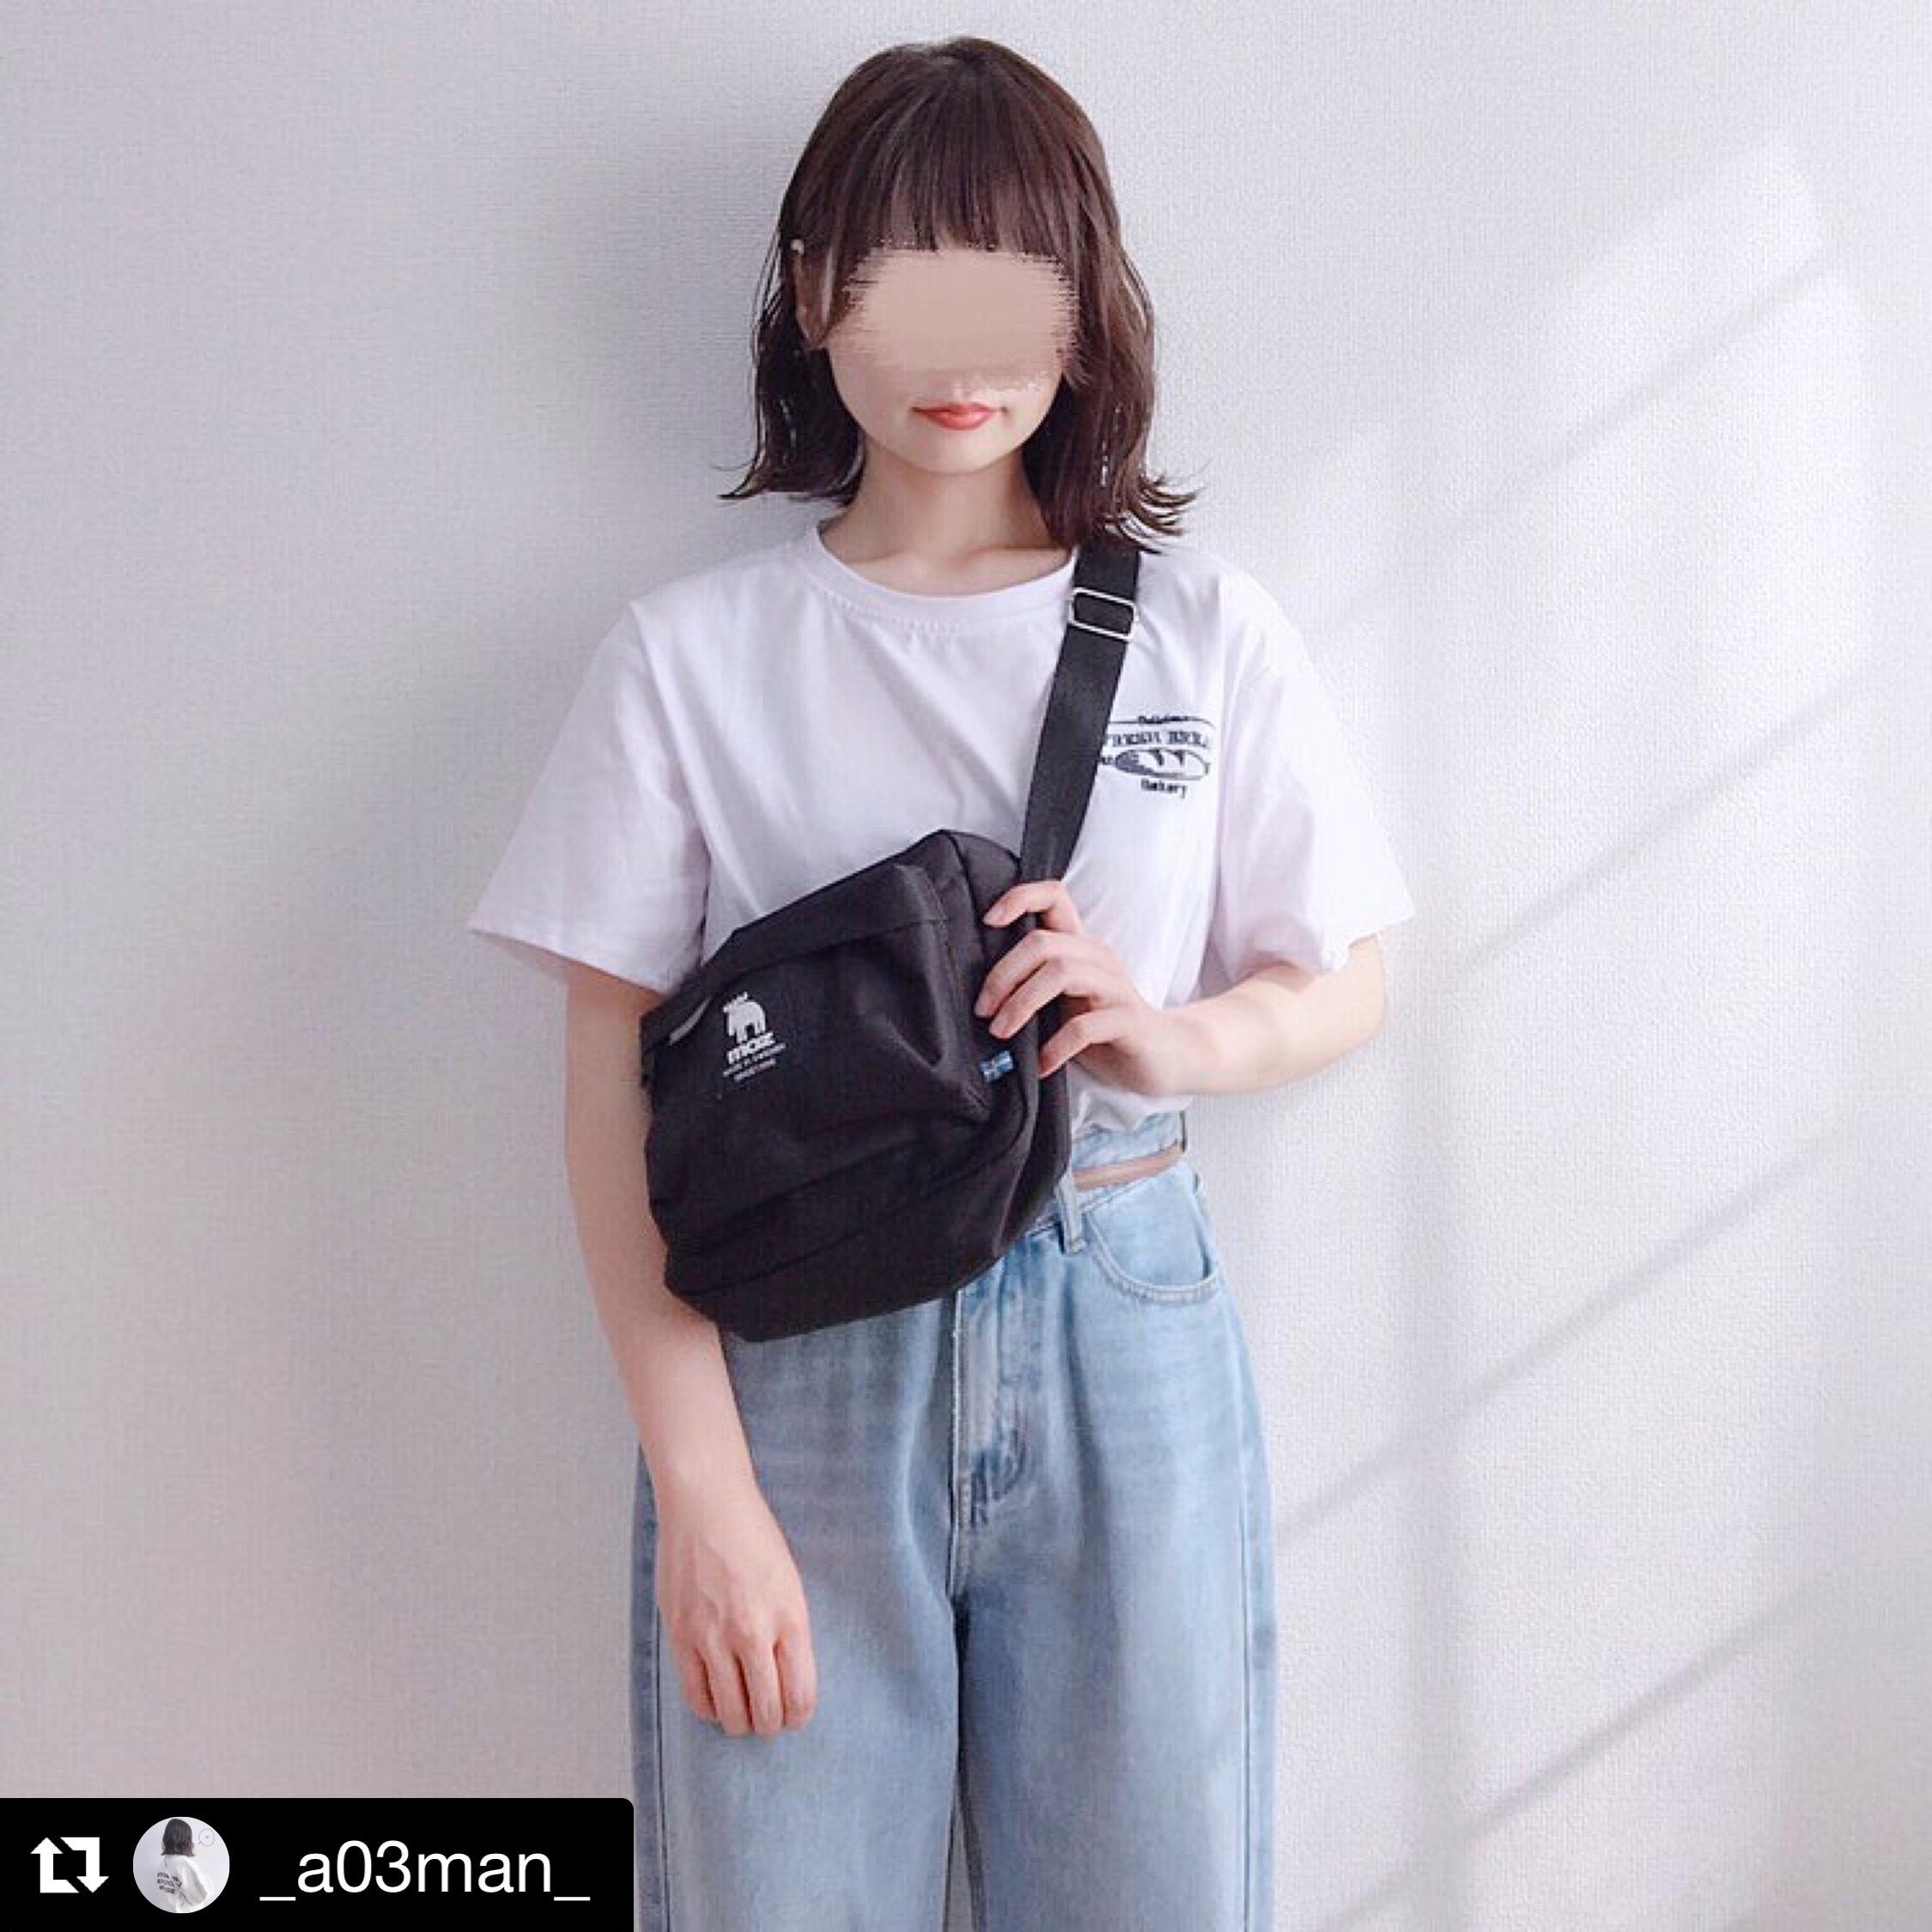 【送料無料】かわいい 刺繍 プリント♡ パンデザイン アメカジ ビッグサイズ Tシャツ